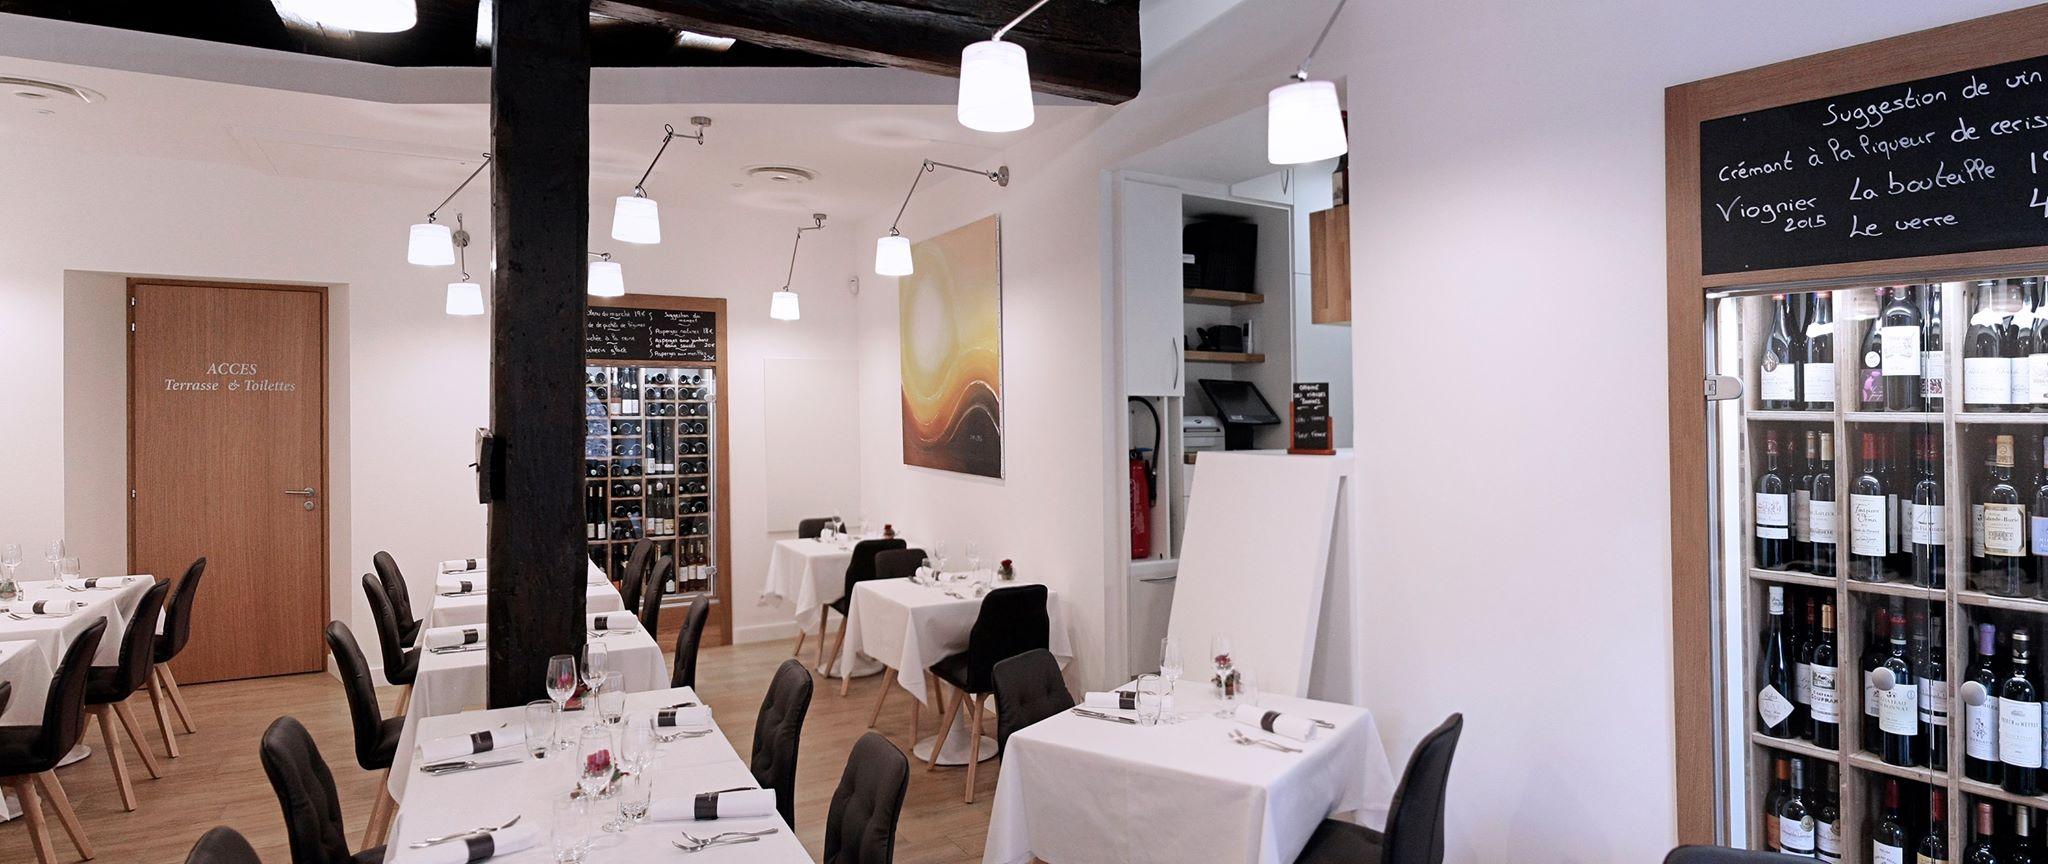 Office de tourisme de colmar en alsace restaurant le pavillon gourmand - Office de tourisme eguisheim ...